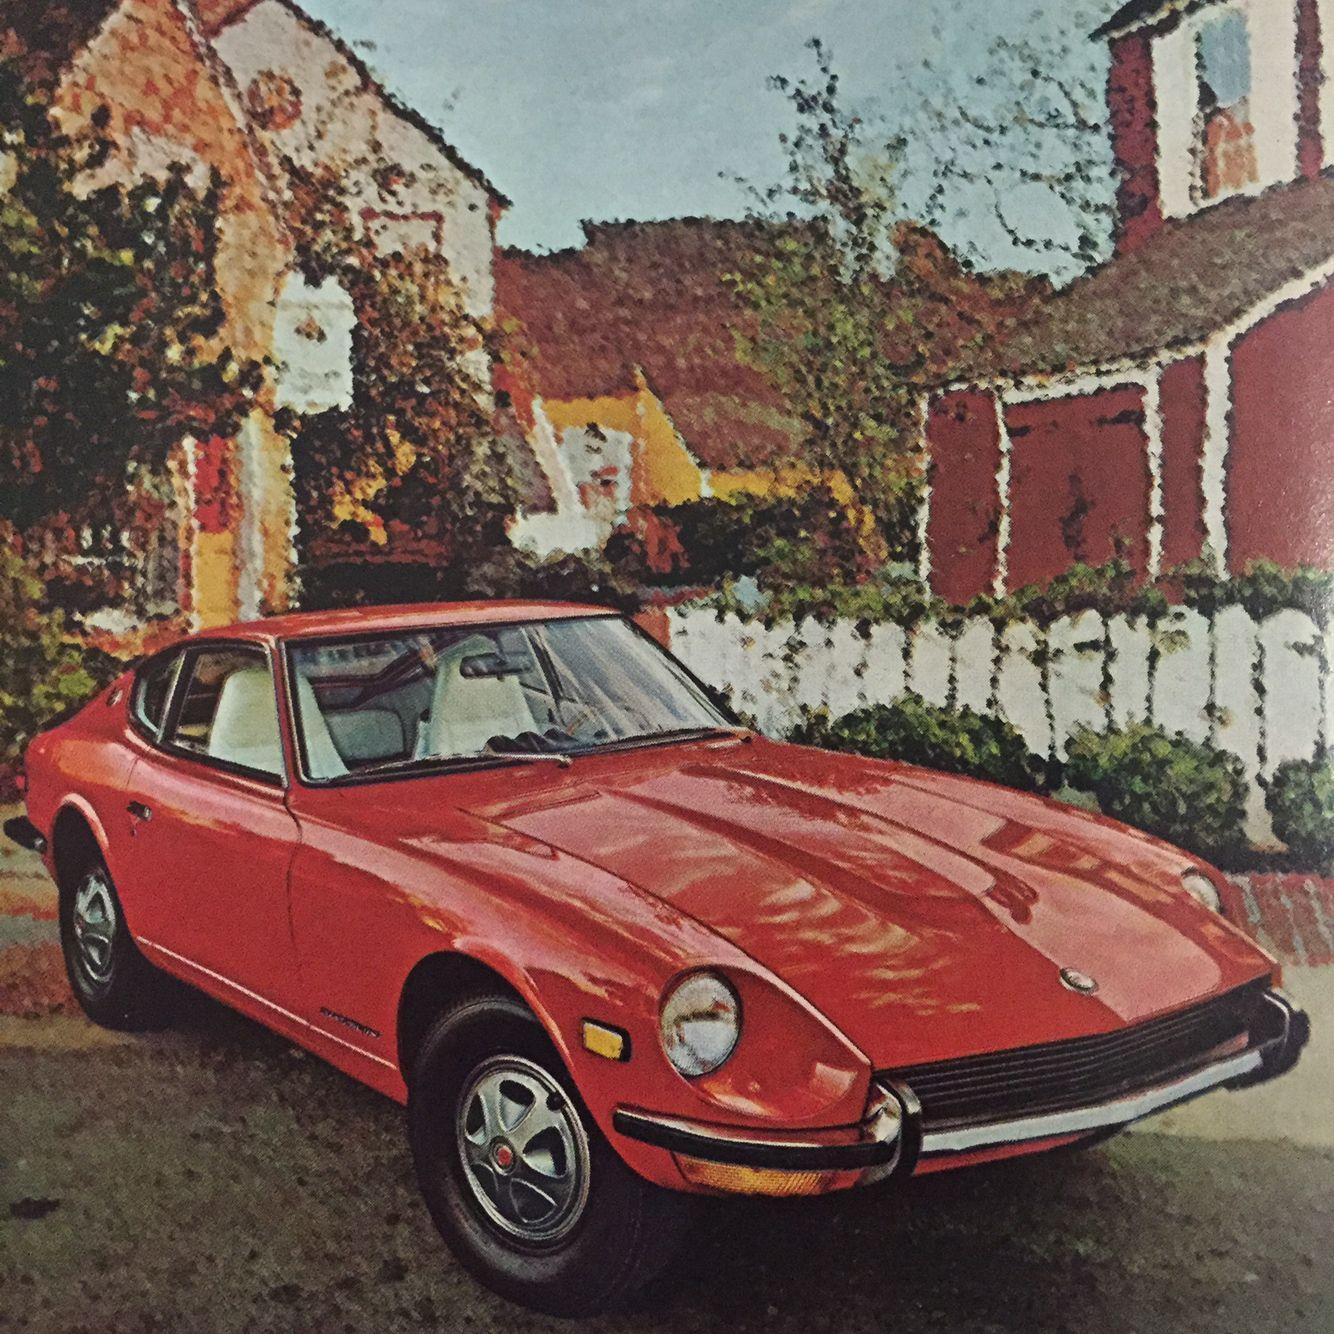 1973(?) Datsun